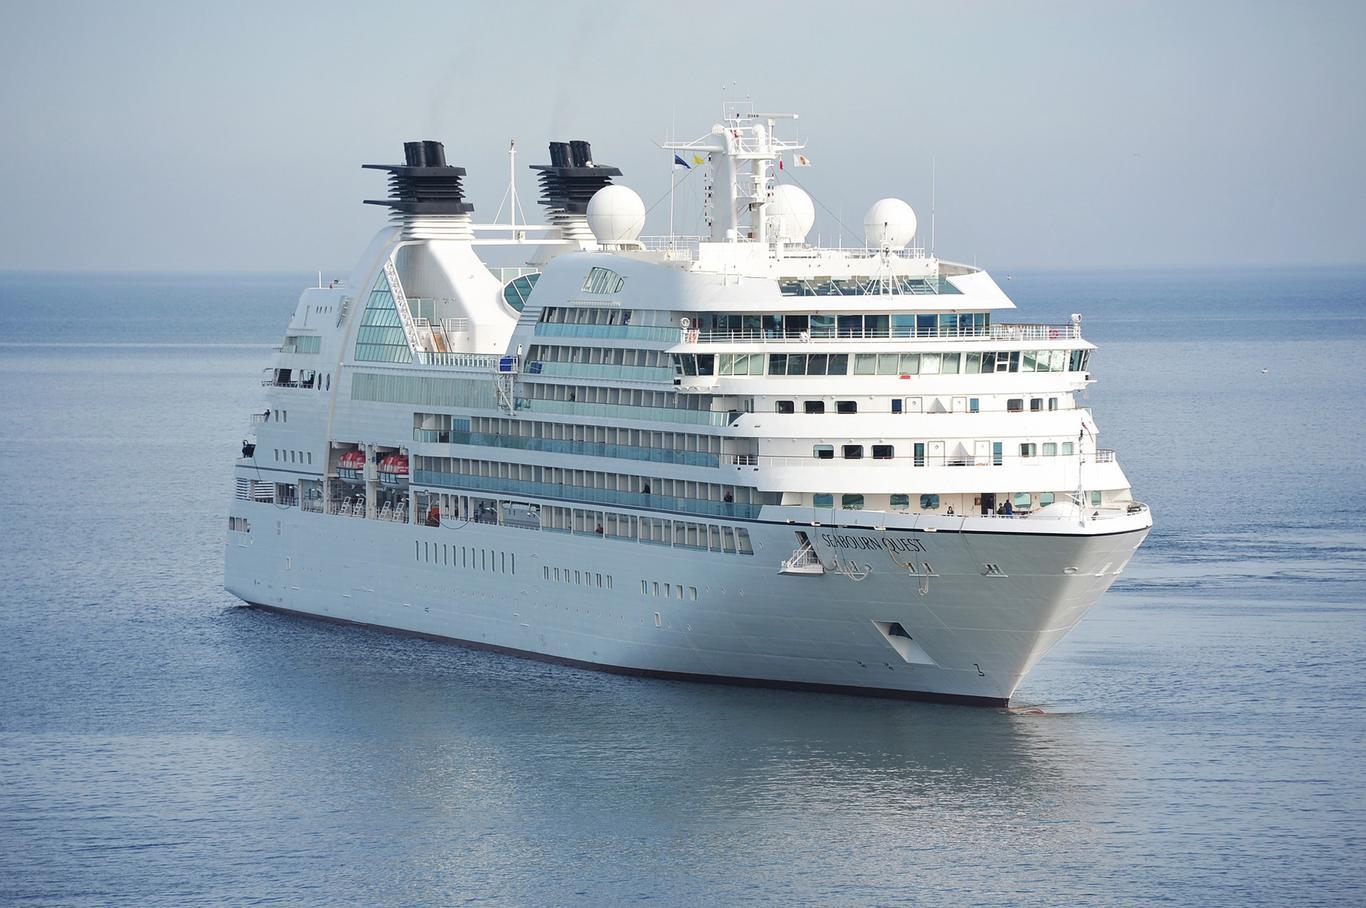 TALLINK GRUPP AS  tütarettevõte Baltic SF IX Ltd. ning Kanada riigiosalusega ettevõte Marine Atlantic Inc. on jõudnud kokkuleppele reisilaeva Atlantic Vision (